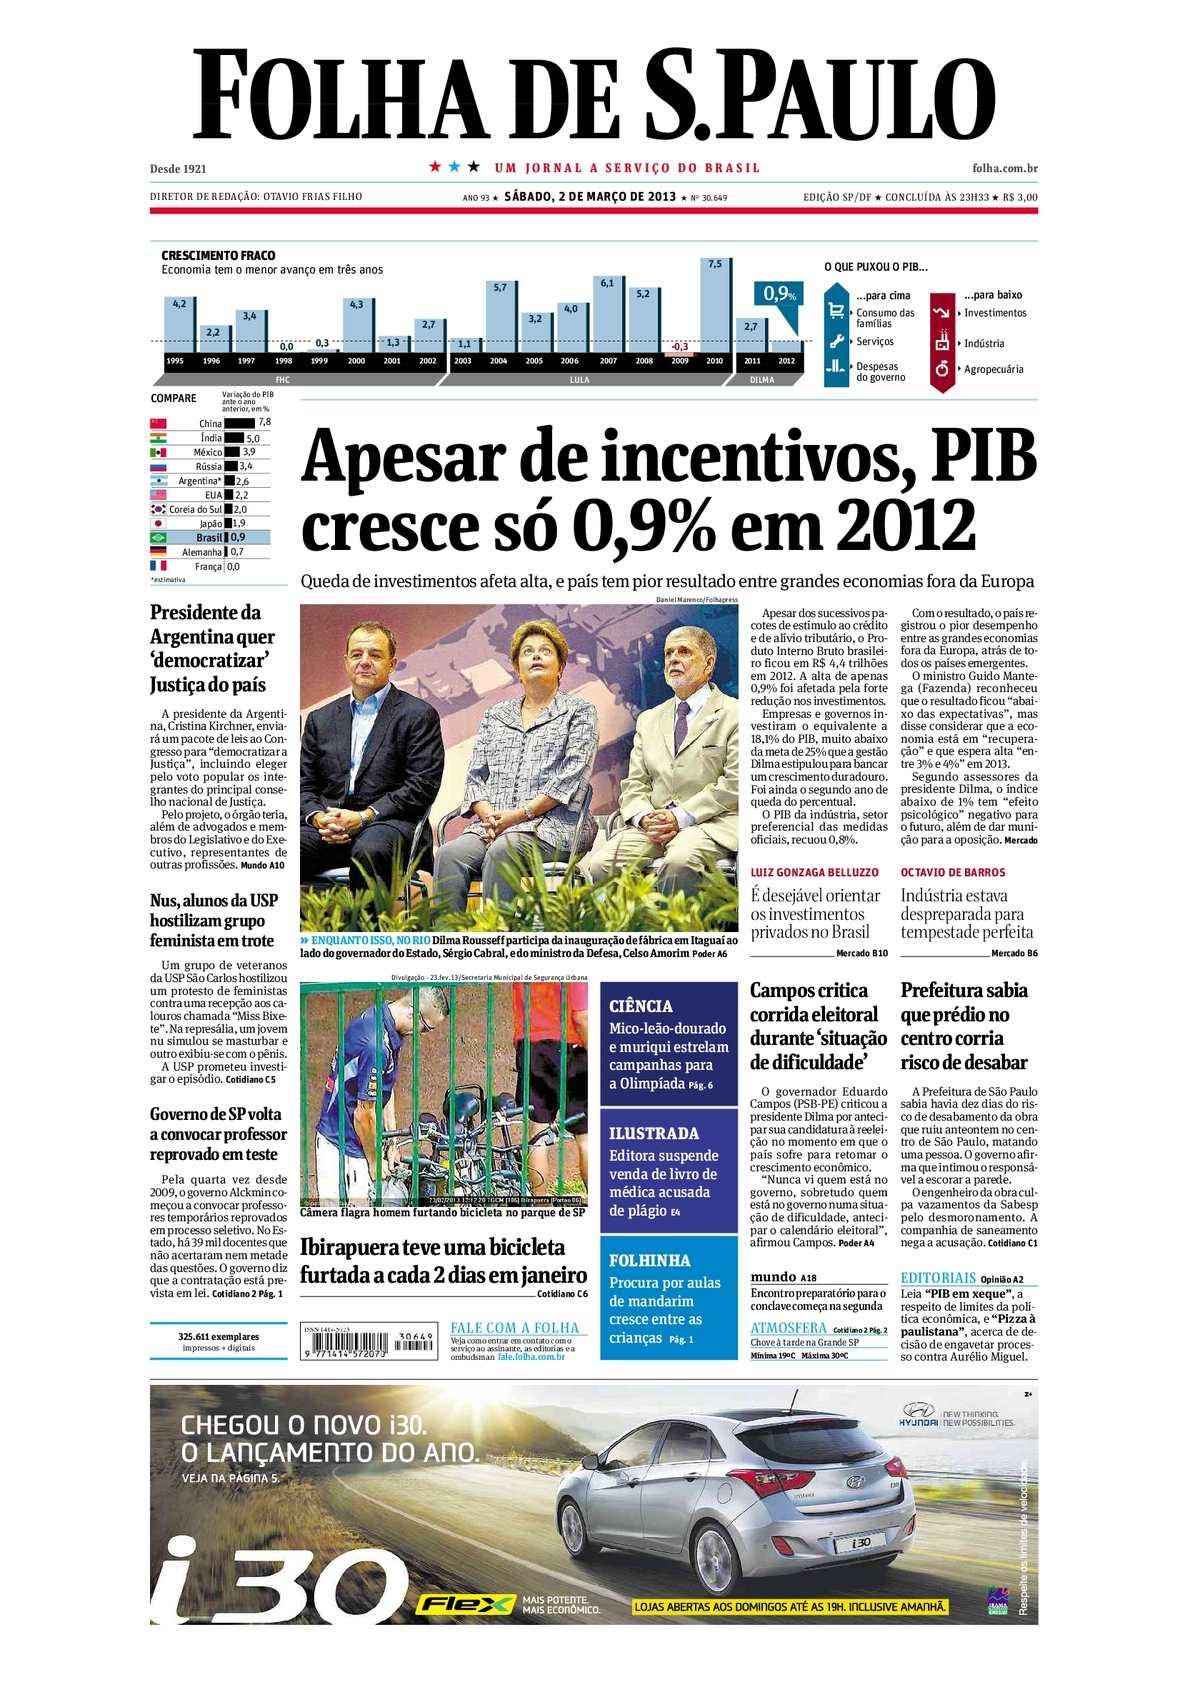 6e17e6f7a0 Calaméo - Folha de São Paulo - 02 03 13